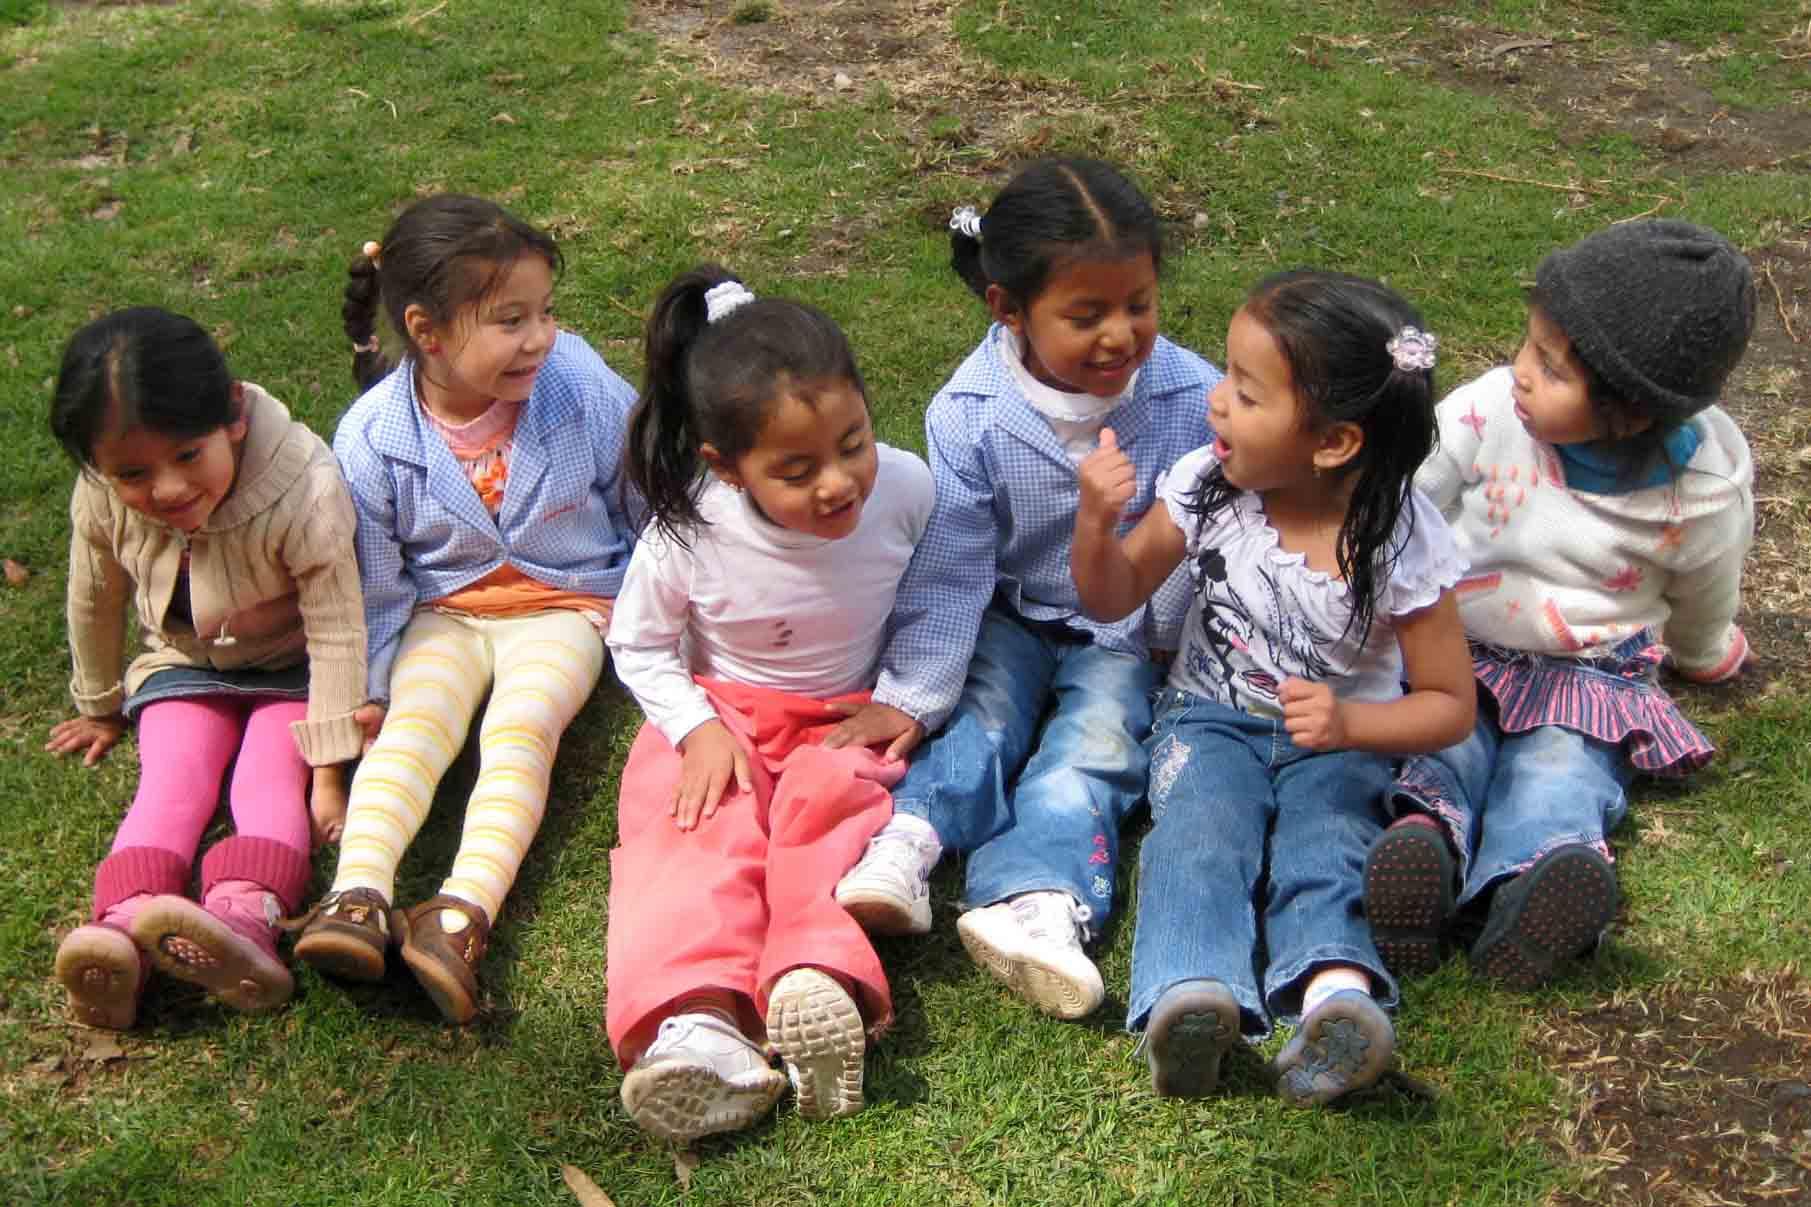 Wiebkes Schützlinge draußen in der Sonne - Naomie, Brenda-Lara, Emily, Genesis, Paula und Maite